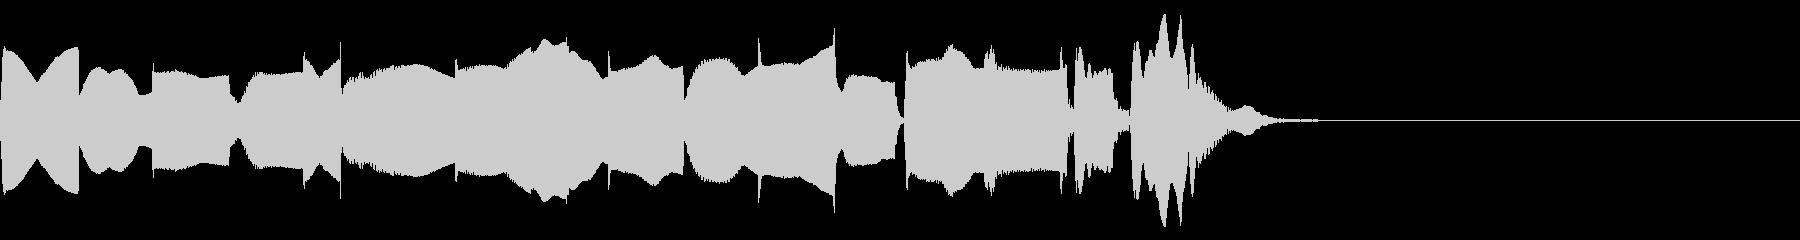 キャラクターが混乱したときの通知音の未再生の波形